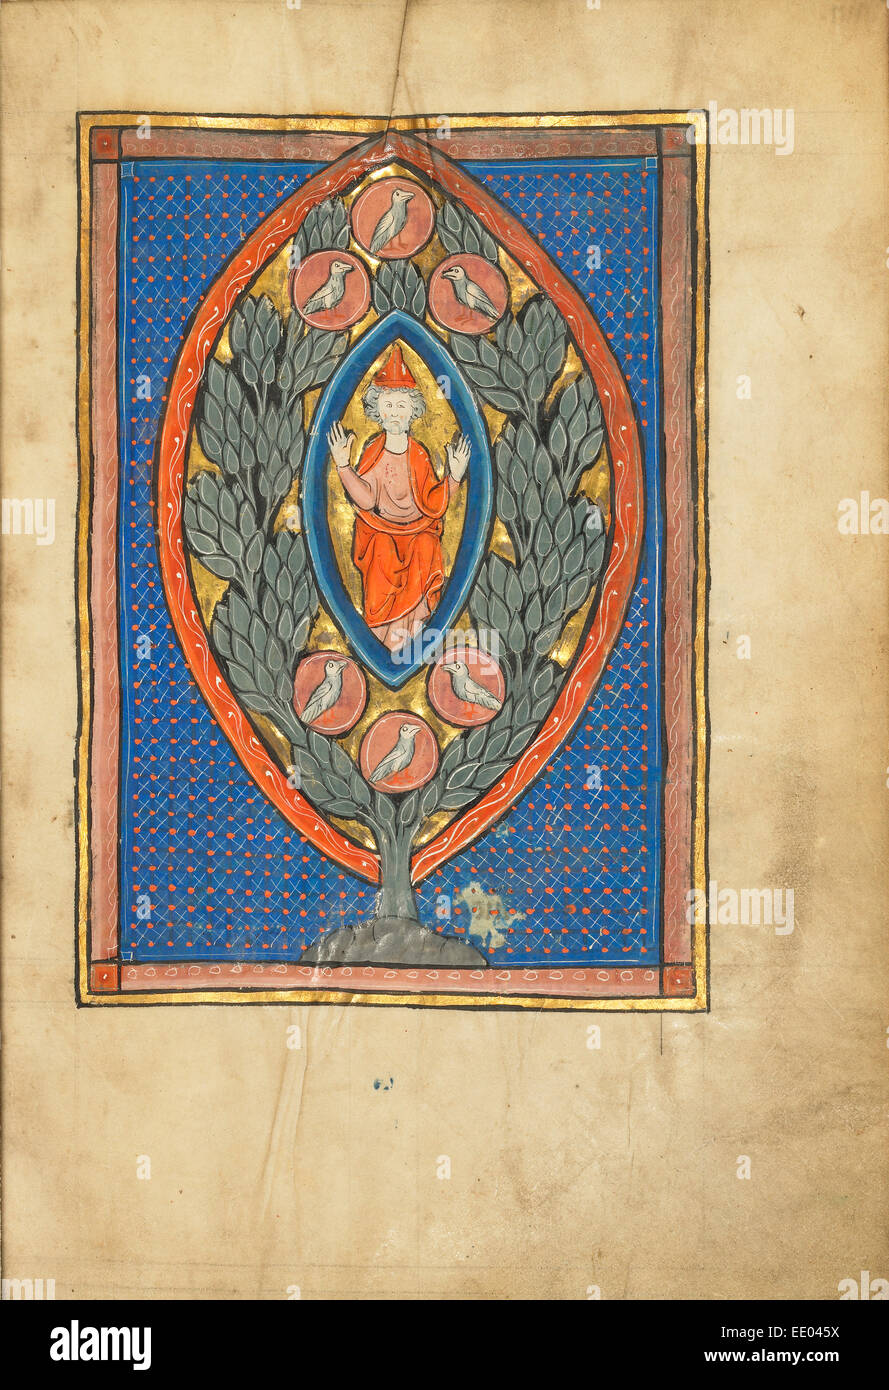 Ein Mann, thront in einer Mandorla in einem Baum; Unbekannt; Thérouanne?, Frankreich (ehemals Flandern), Europa Stockbild